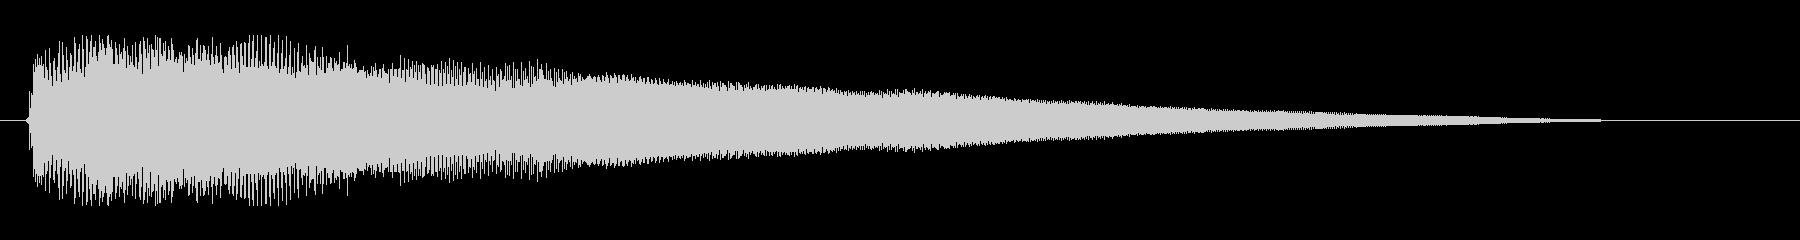 エレキギター。ジャラーン。の未再生の波形